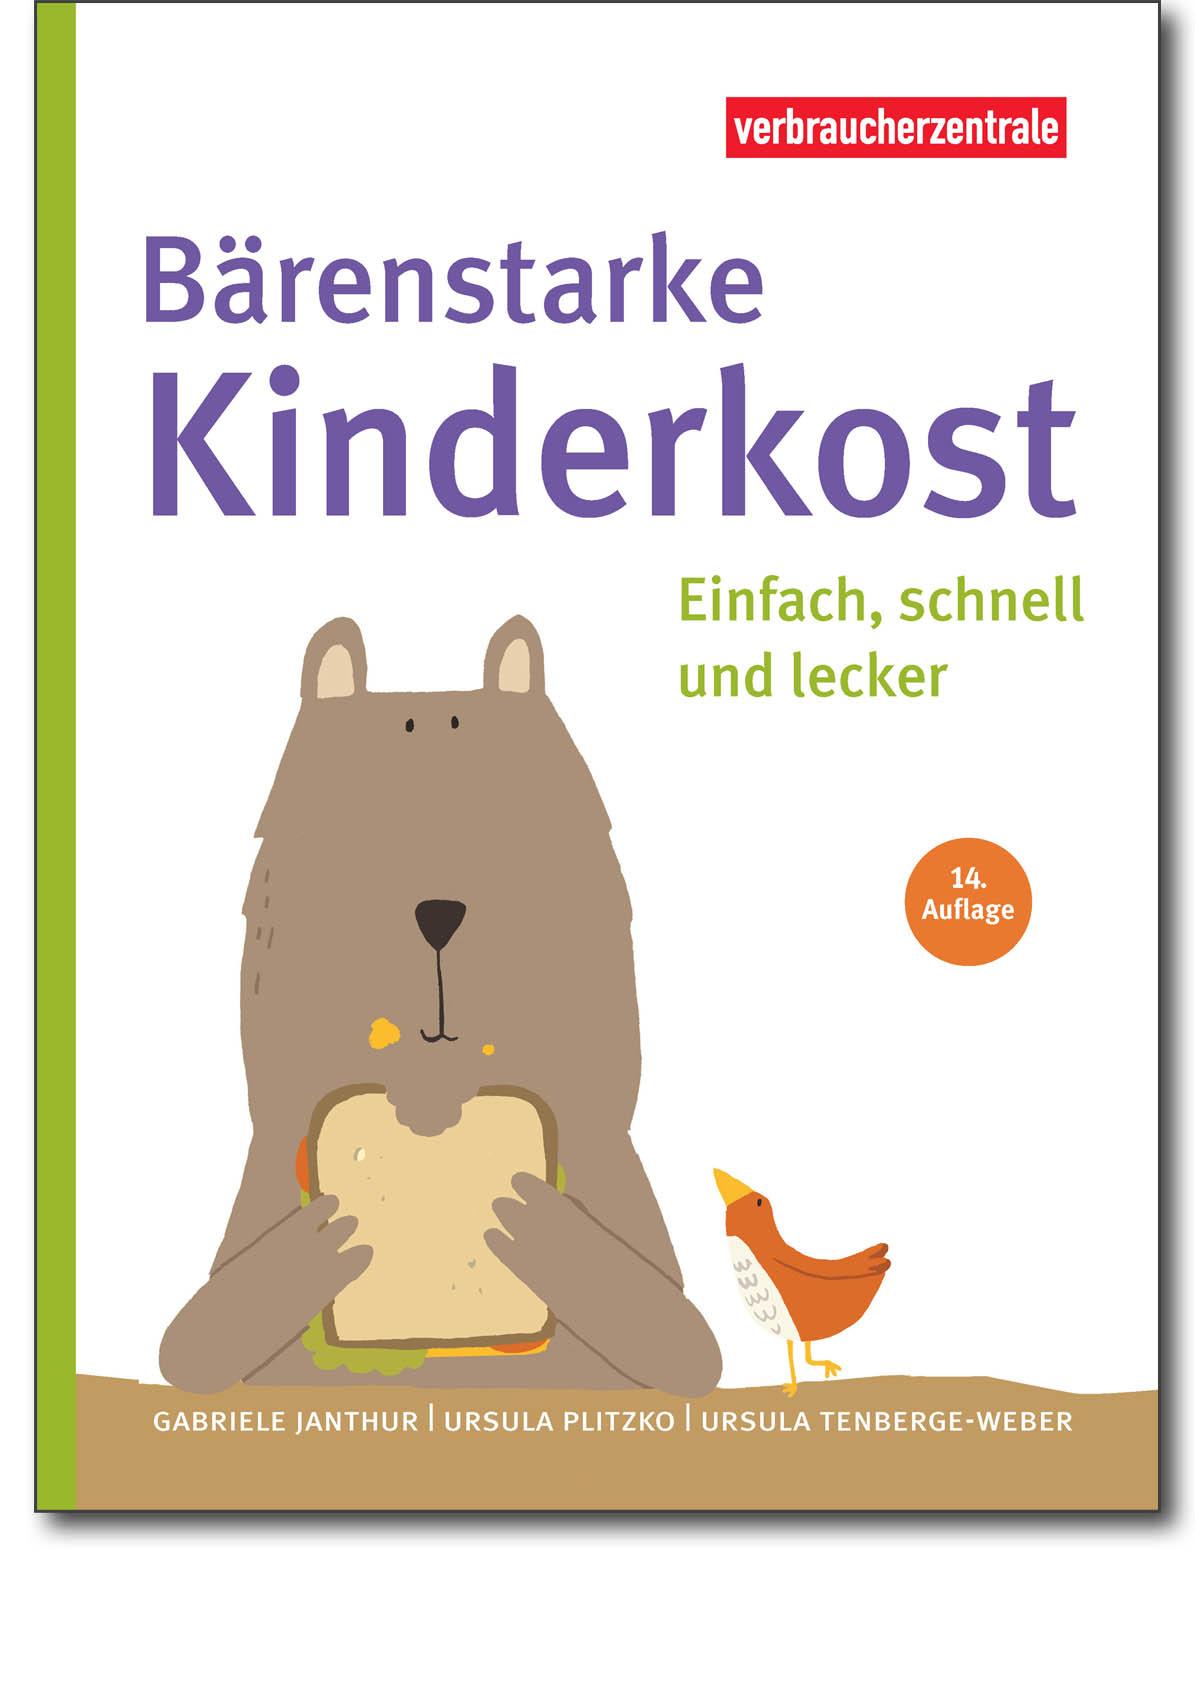 Buch - Bärenstarke Kinderkost - Verbraucherzentrale